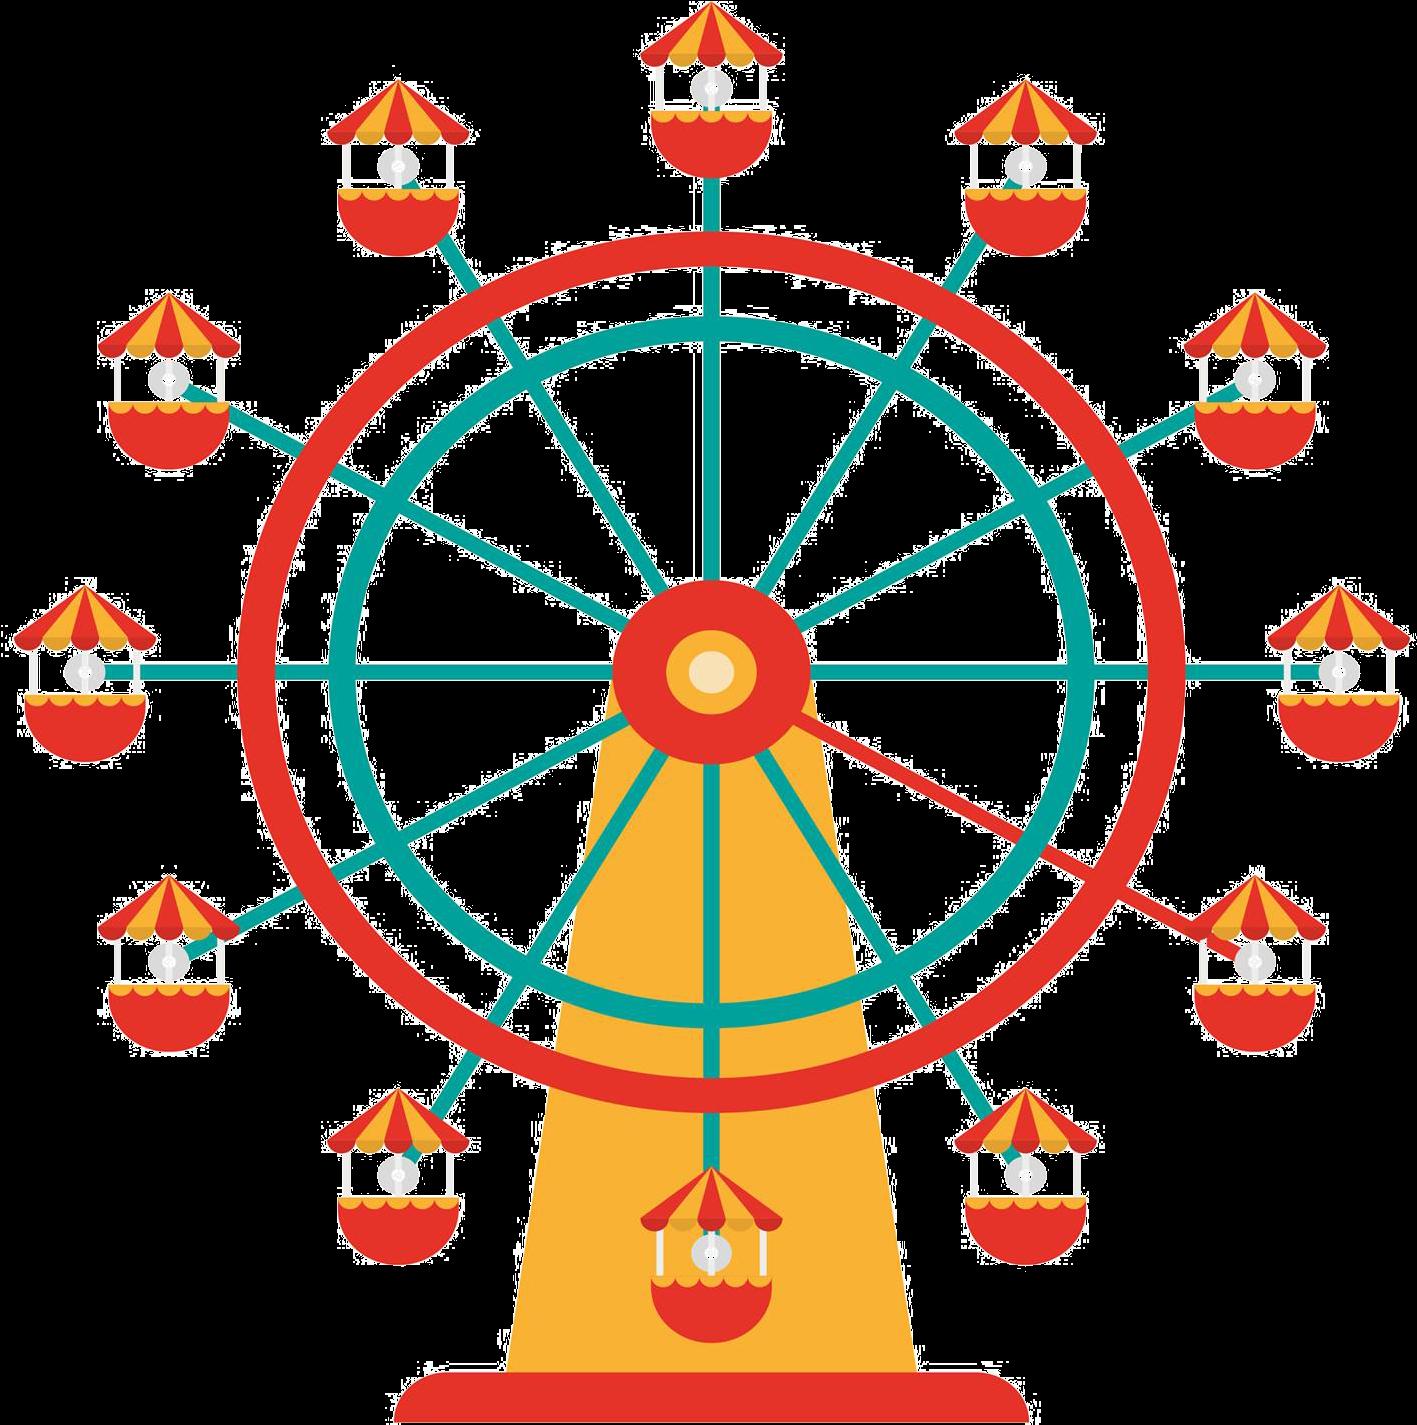 нее картинка колесо обозрения без фона овальным типом